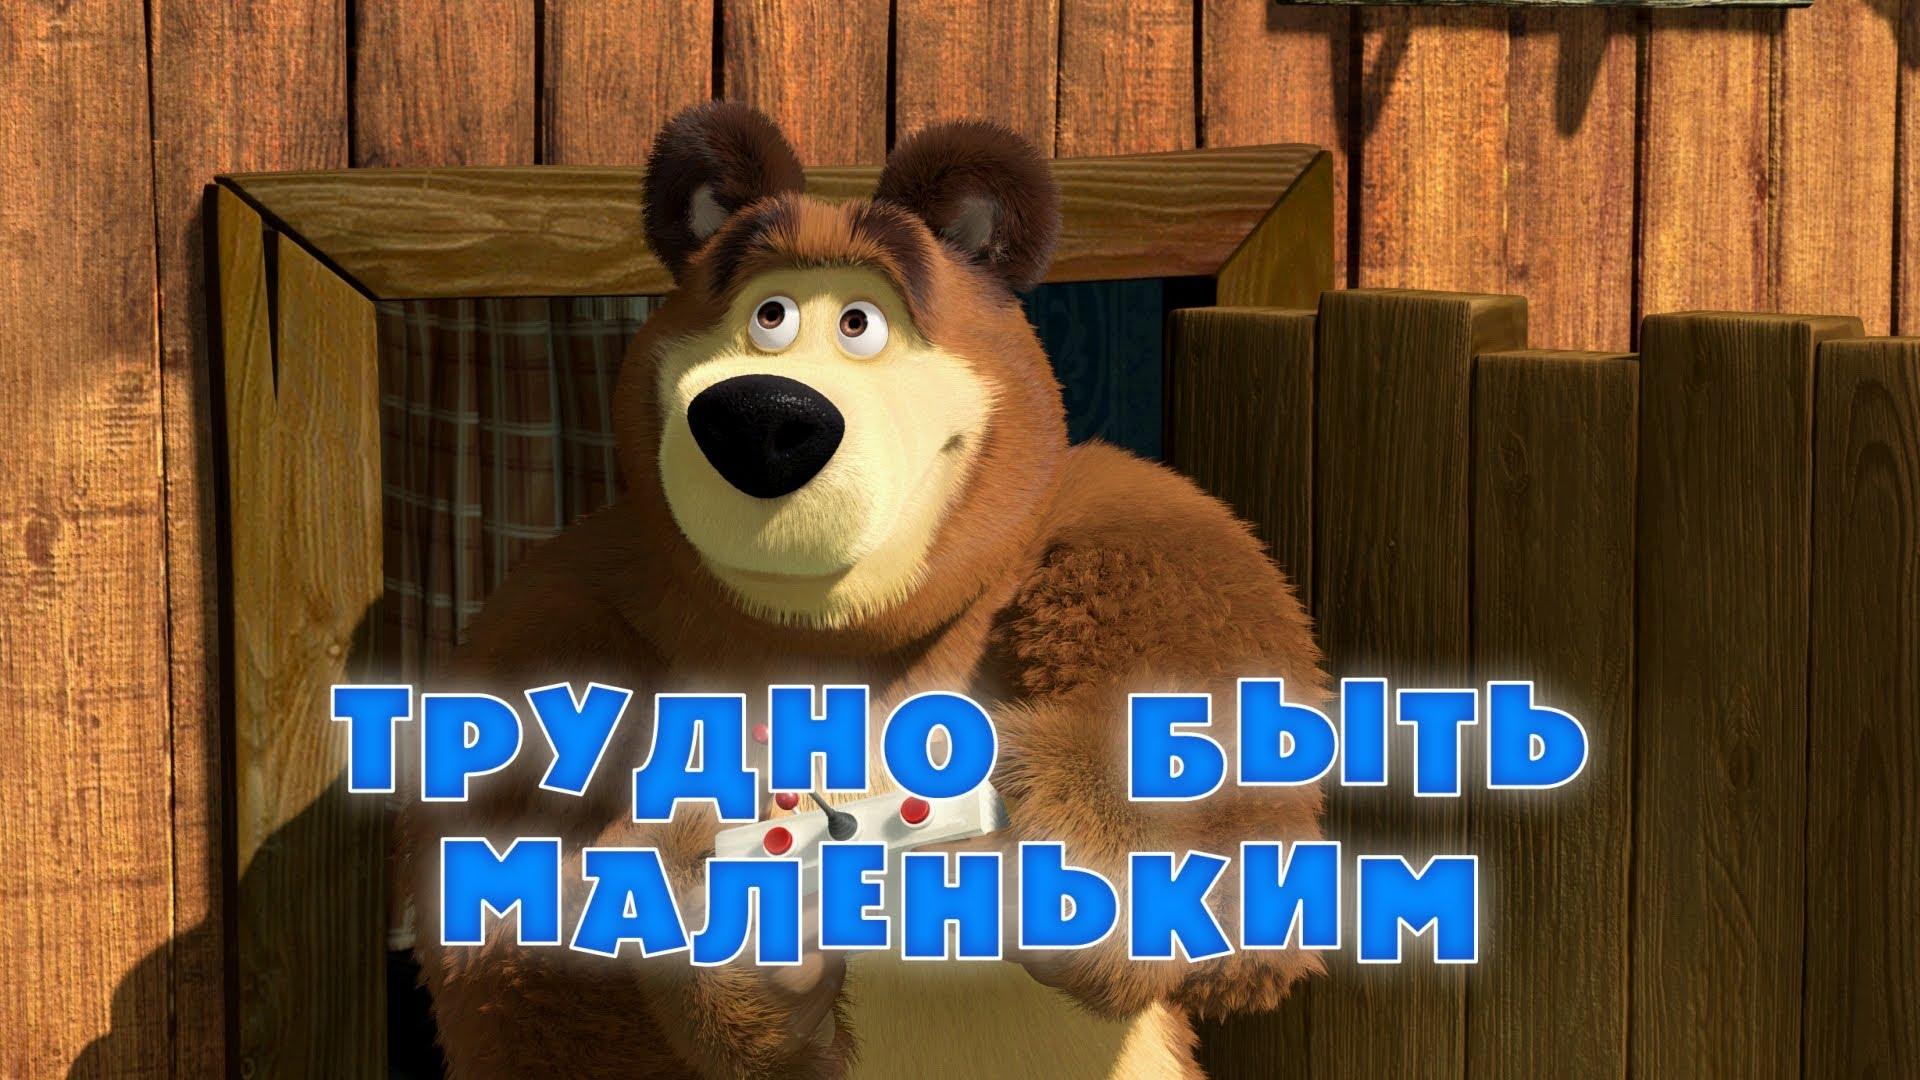 Картинки из мультфильма маша и медведь с надписями, для мужчин поцелуй